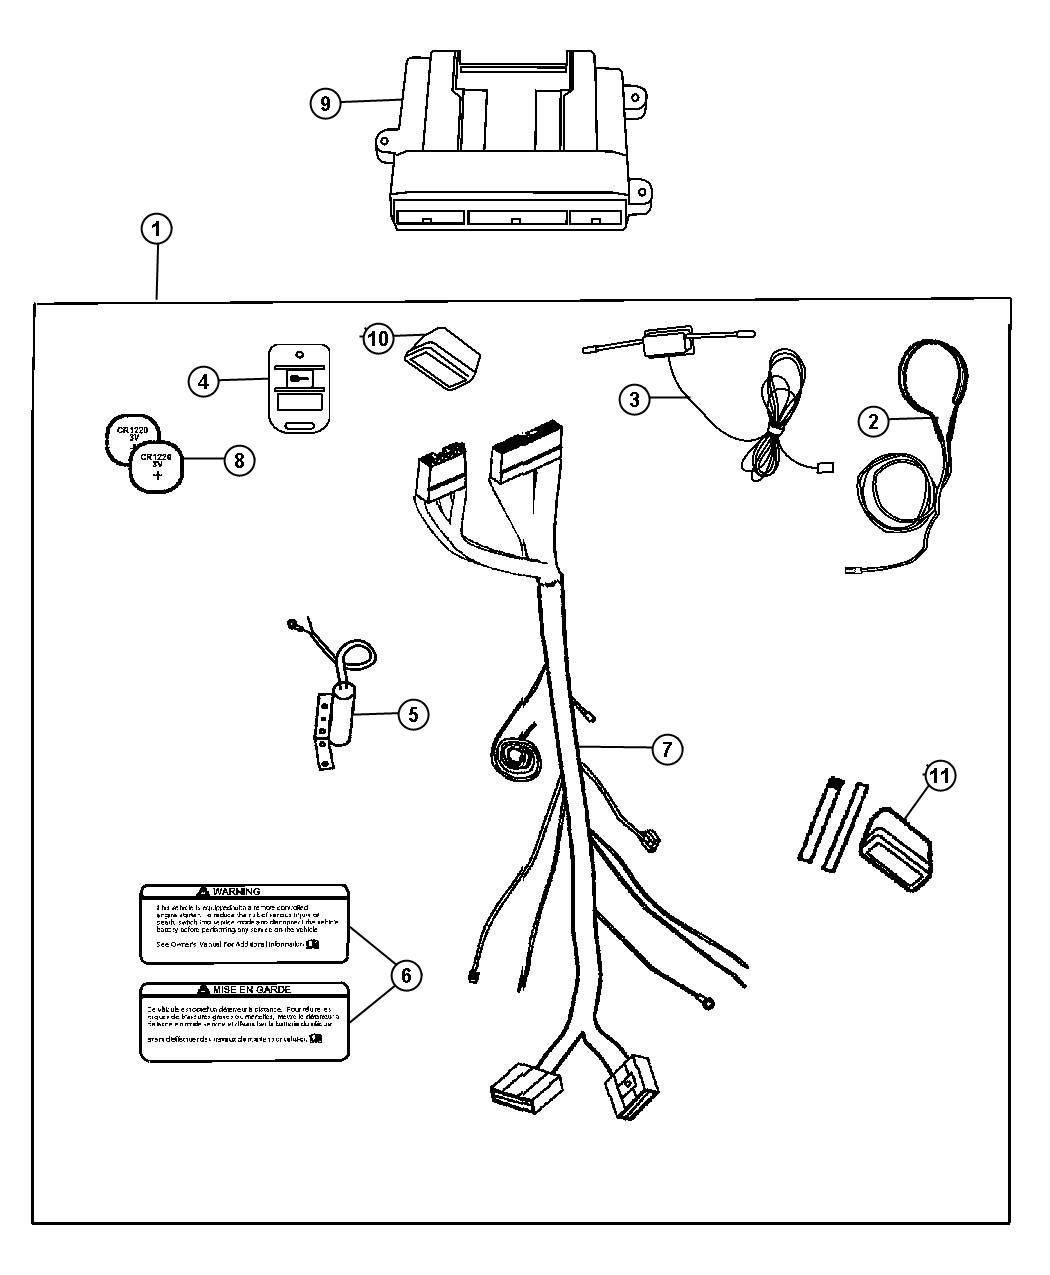 Chrysler Pt Cruiser Harness  Wiring